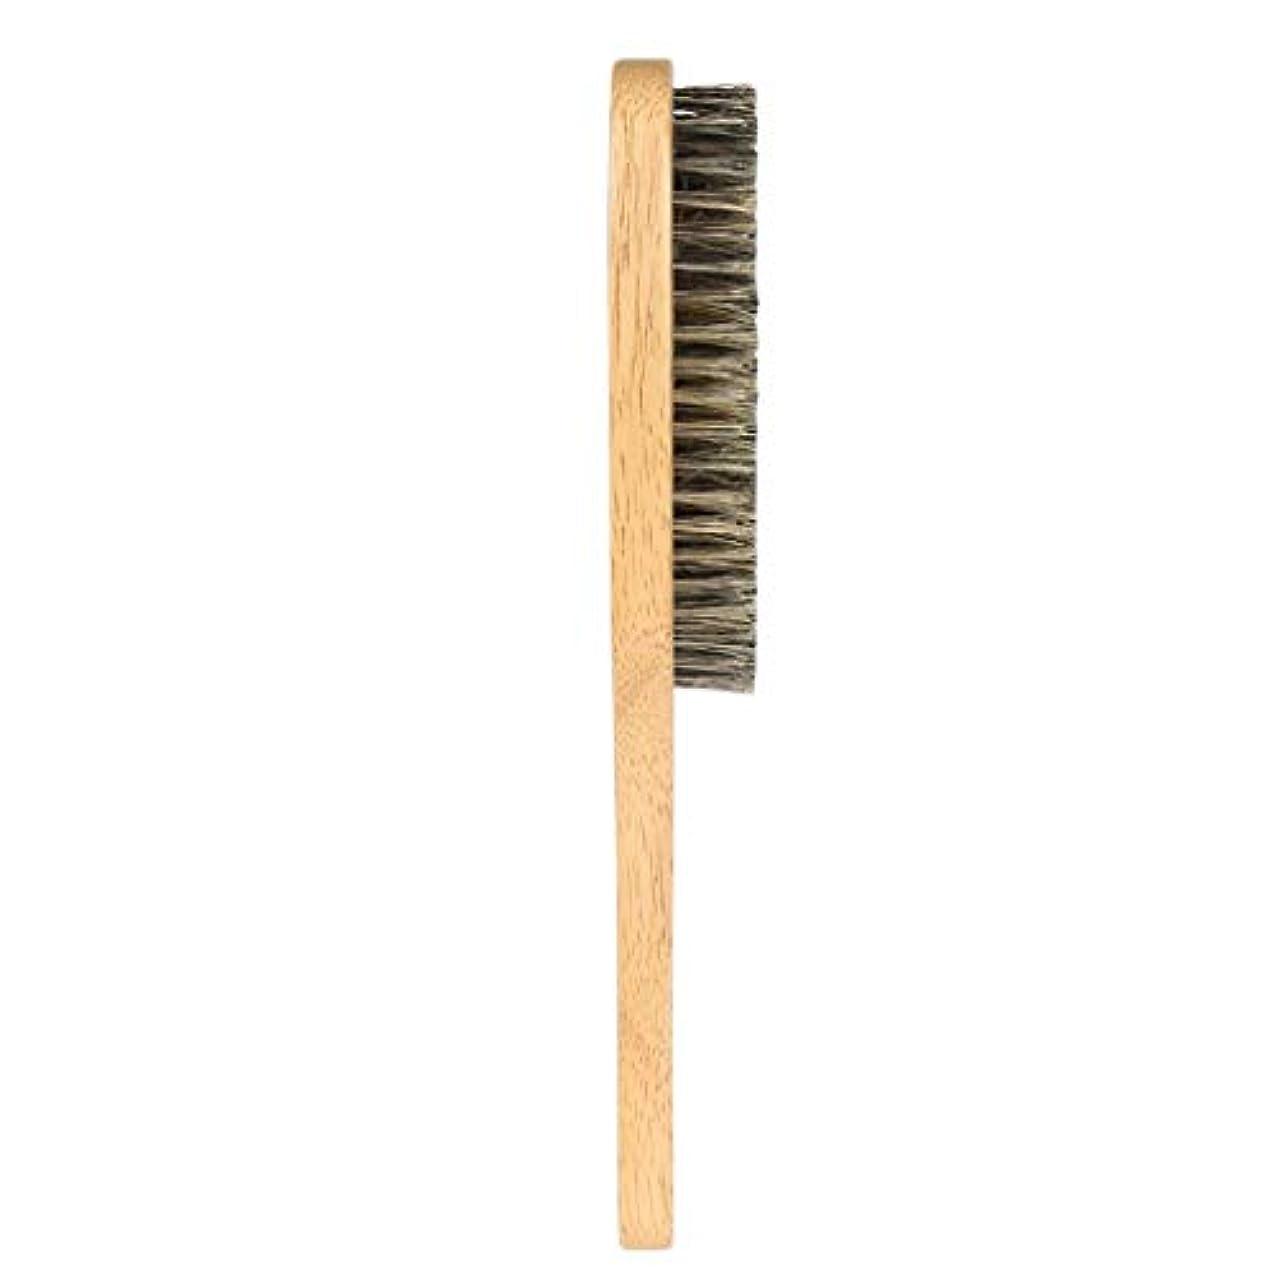 スクリュー尋ねる罰するToygogo 男性合成繊維ひげ口ひげブラシ顔毛シェービングブラシw/ハンドル